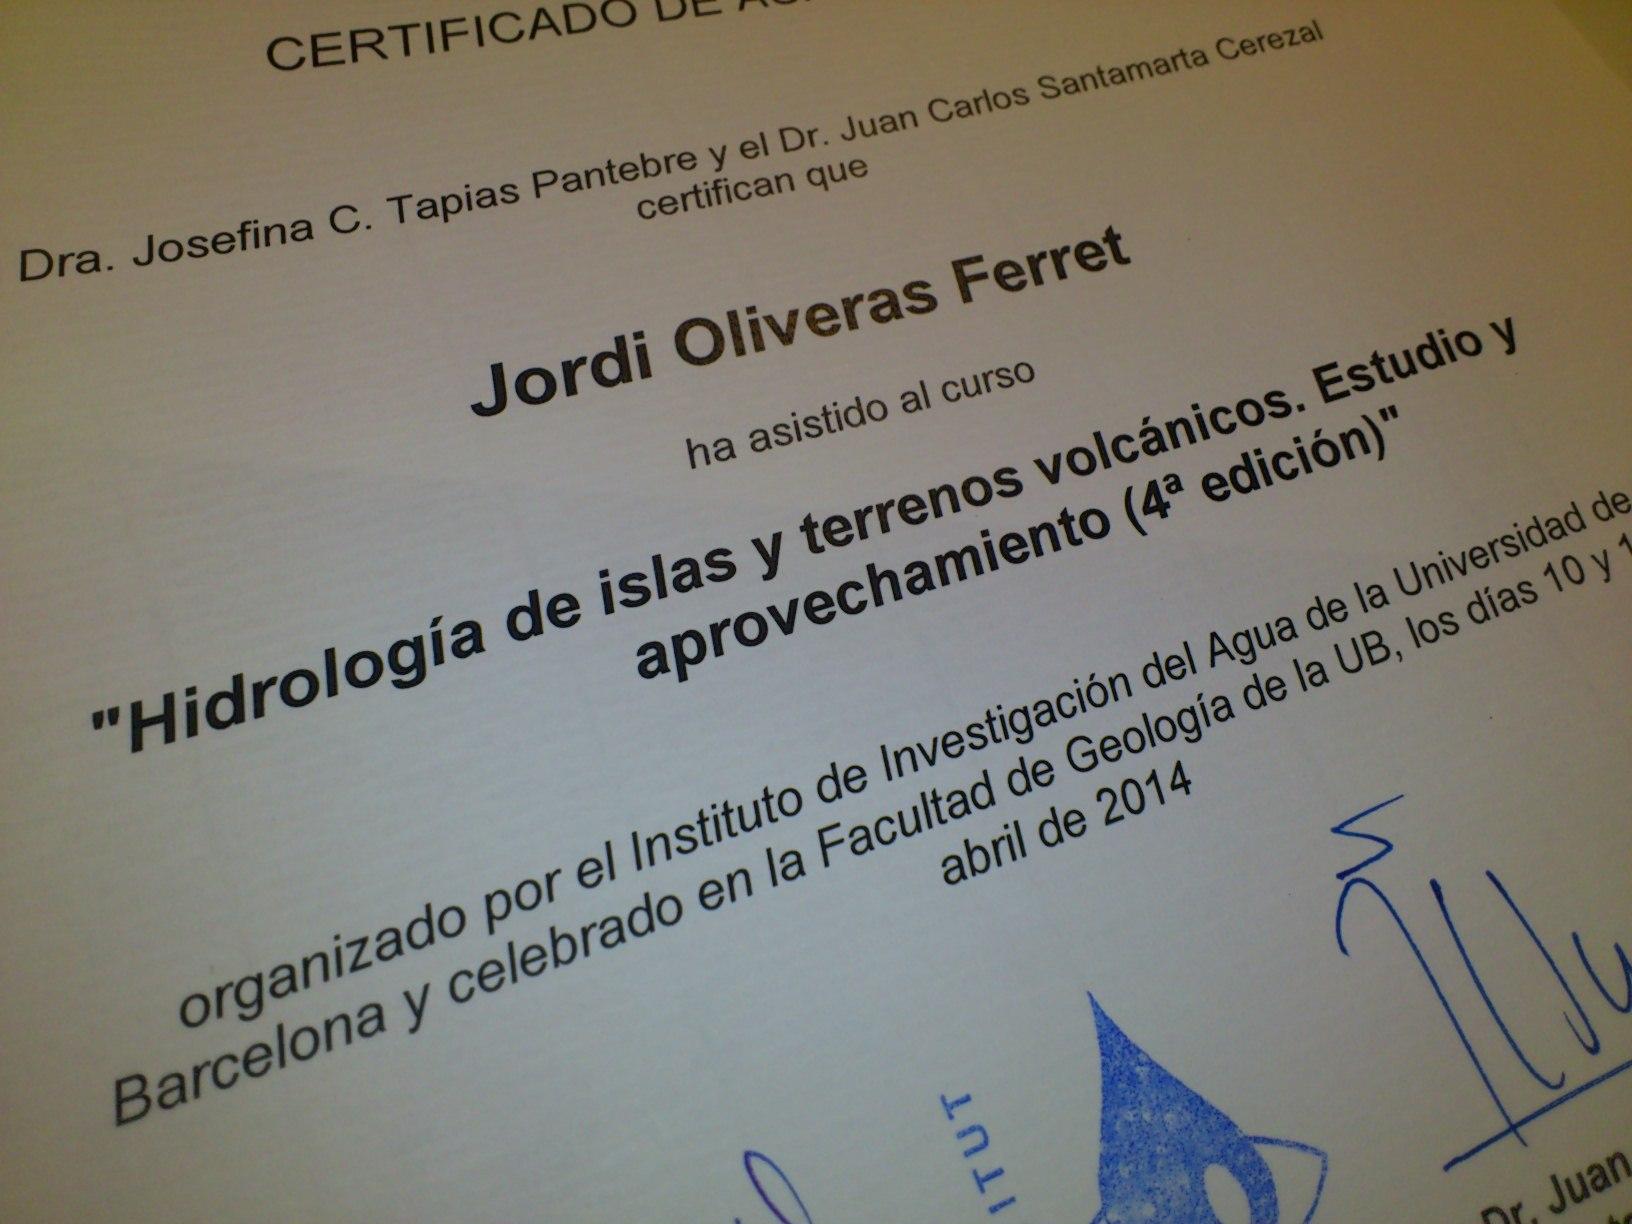 Hidrologia-de-islas-volcanicas